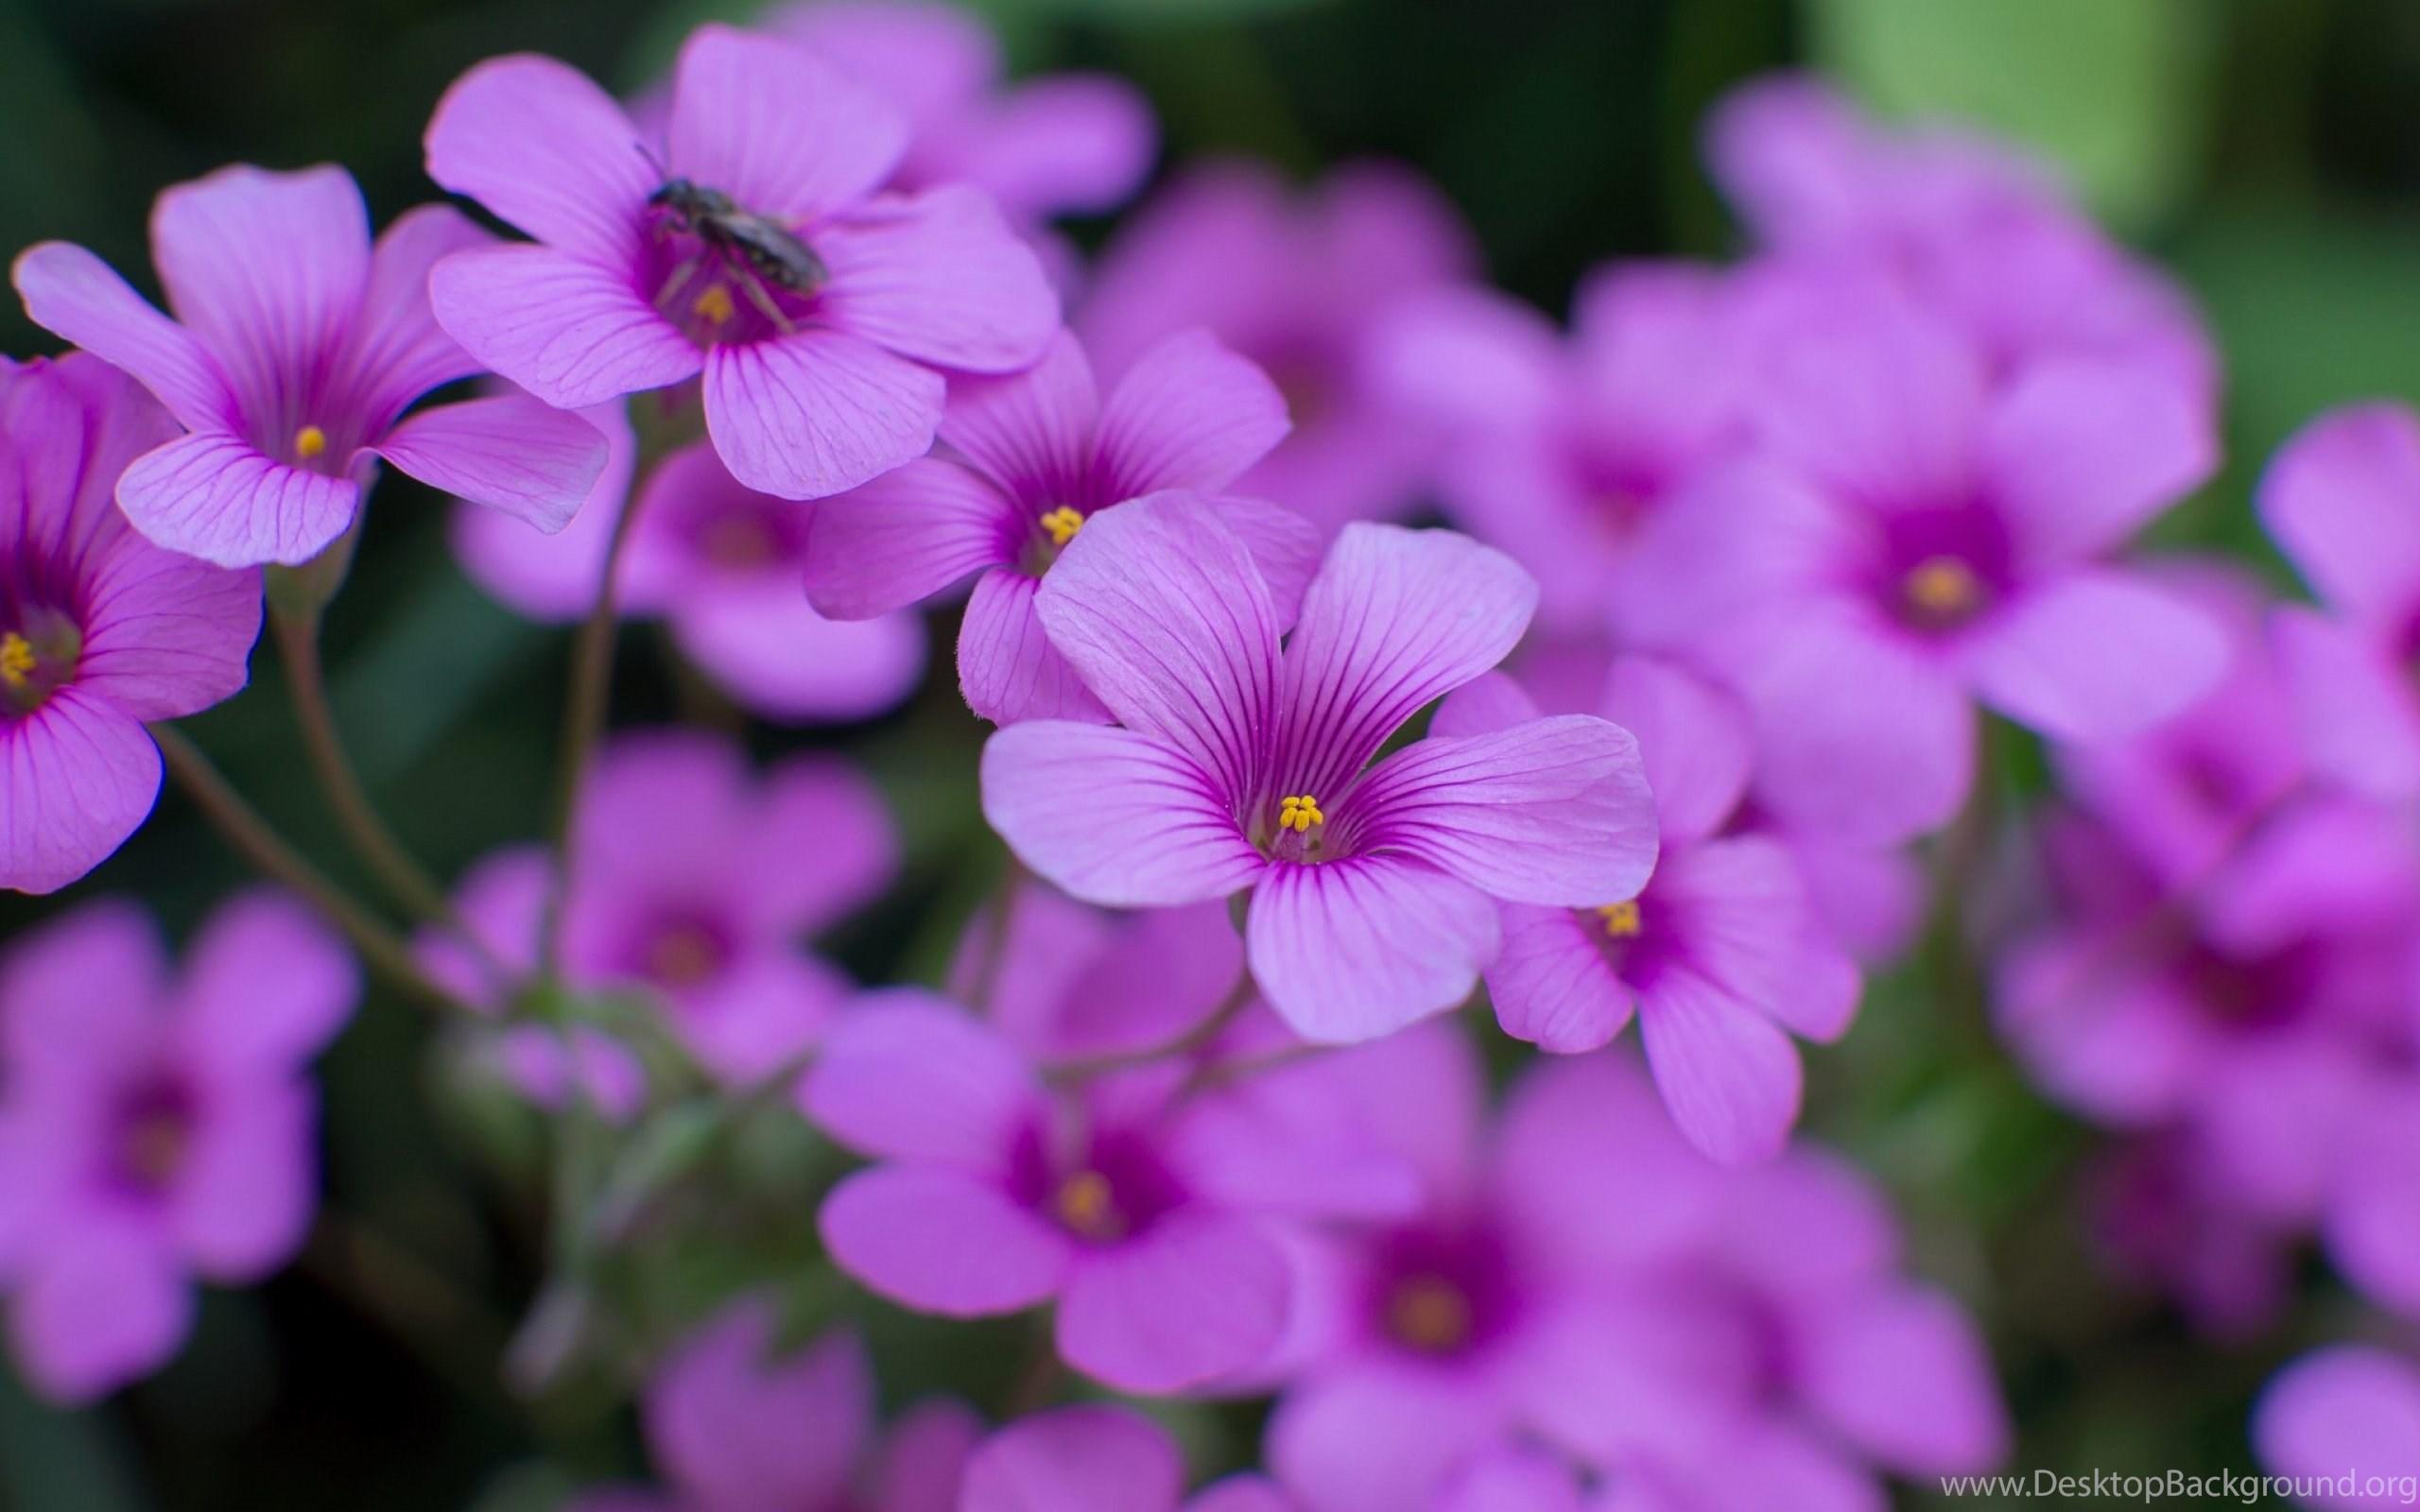 Oxalis beautiful flowers wallpapers hd download for desktop desktop original size 2678kb izmirmasajfo